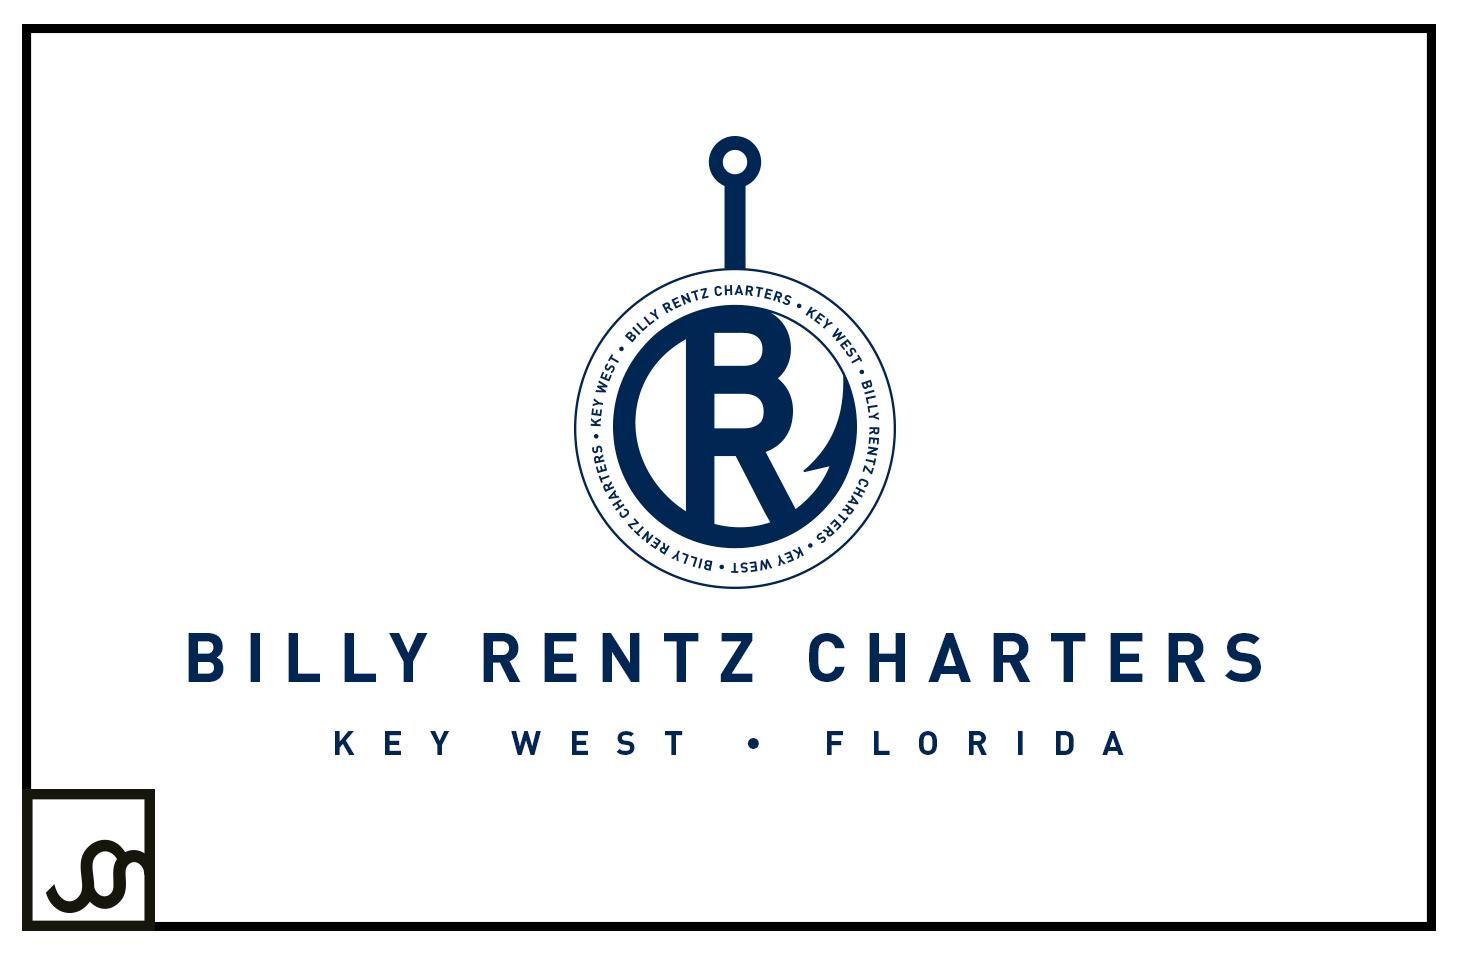 Billy Rentz Charters Logo